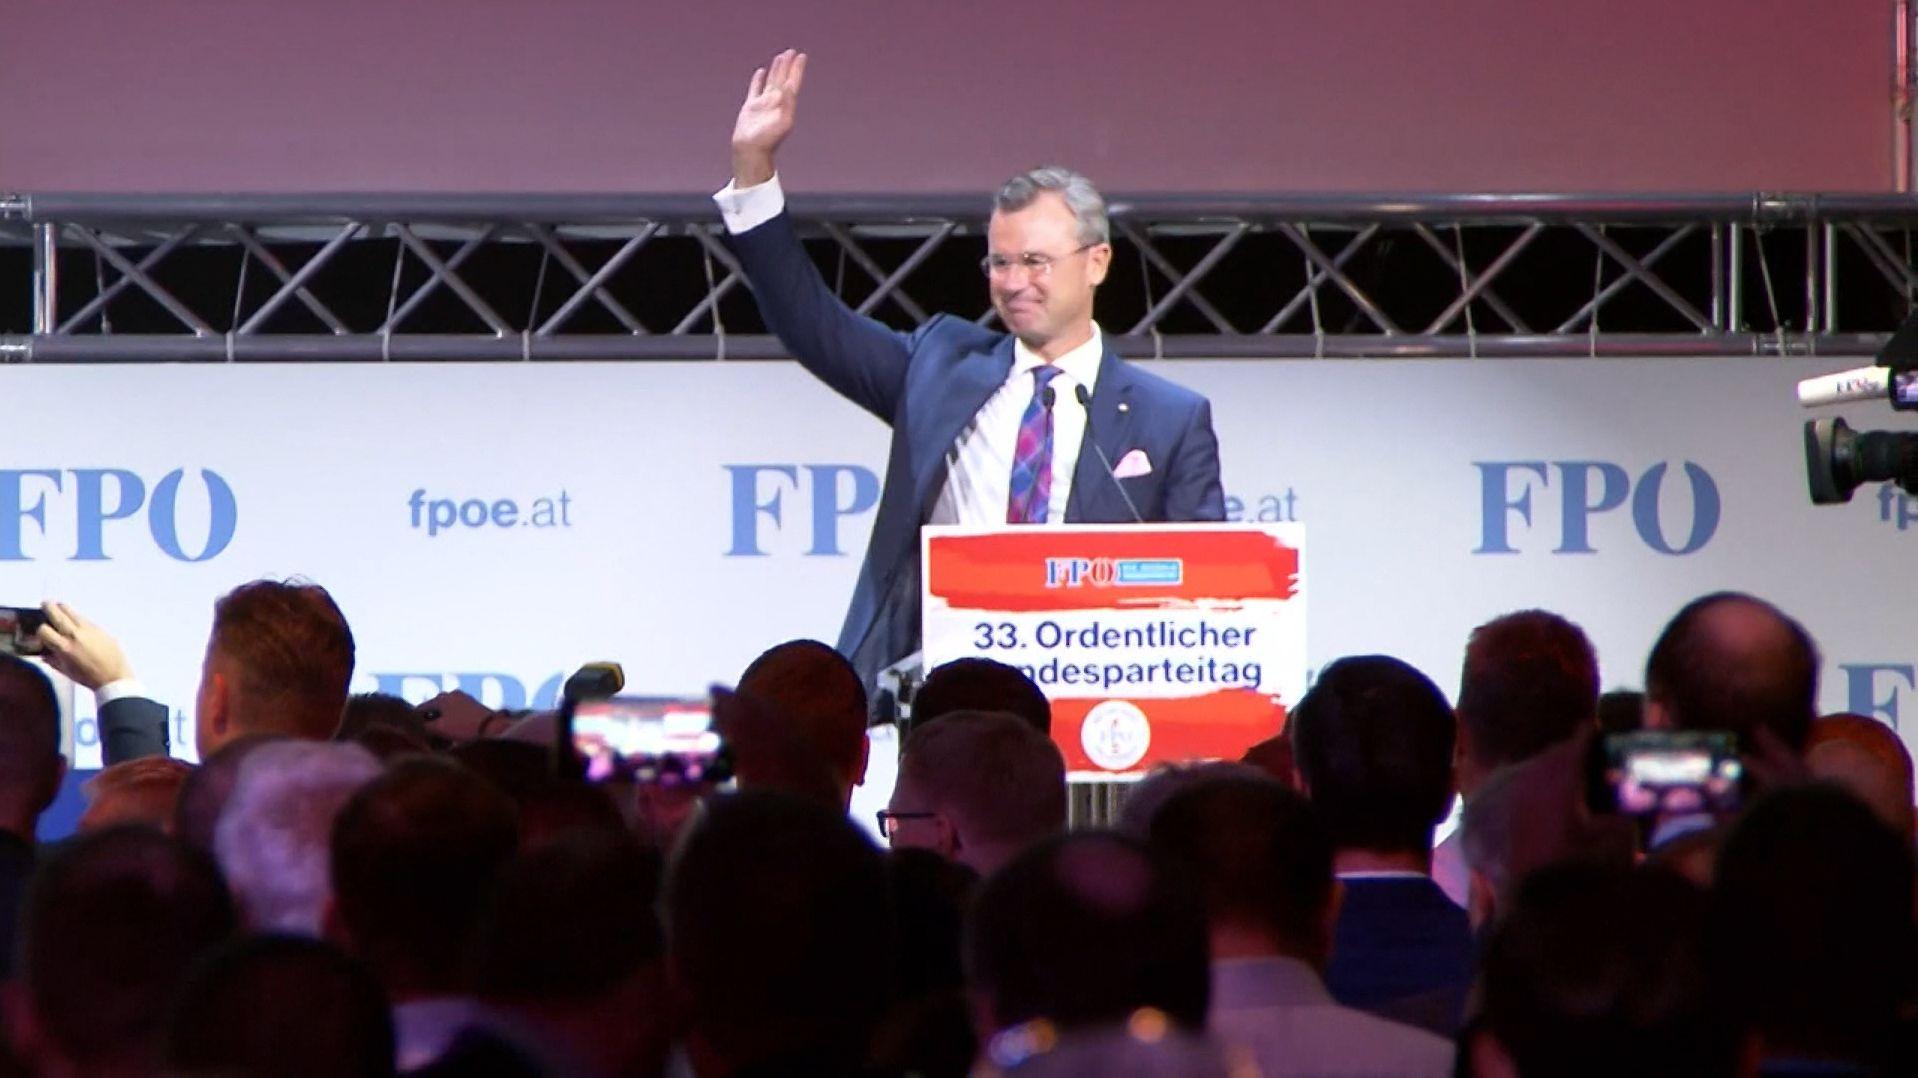 Norbert Hofer ist zum neuen Vorsitzenden der rechtspopulistischen FPÖ gewählt worden.